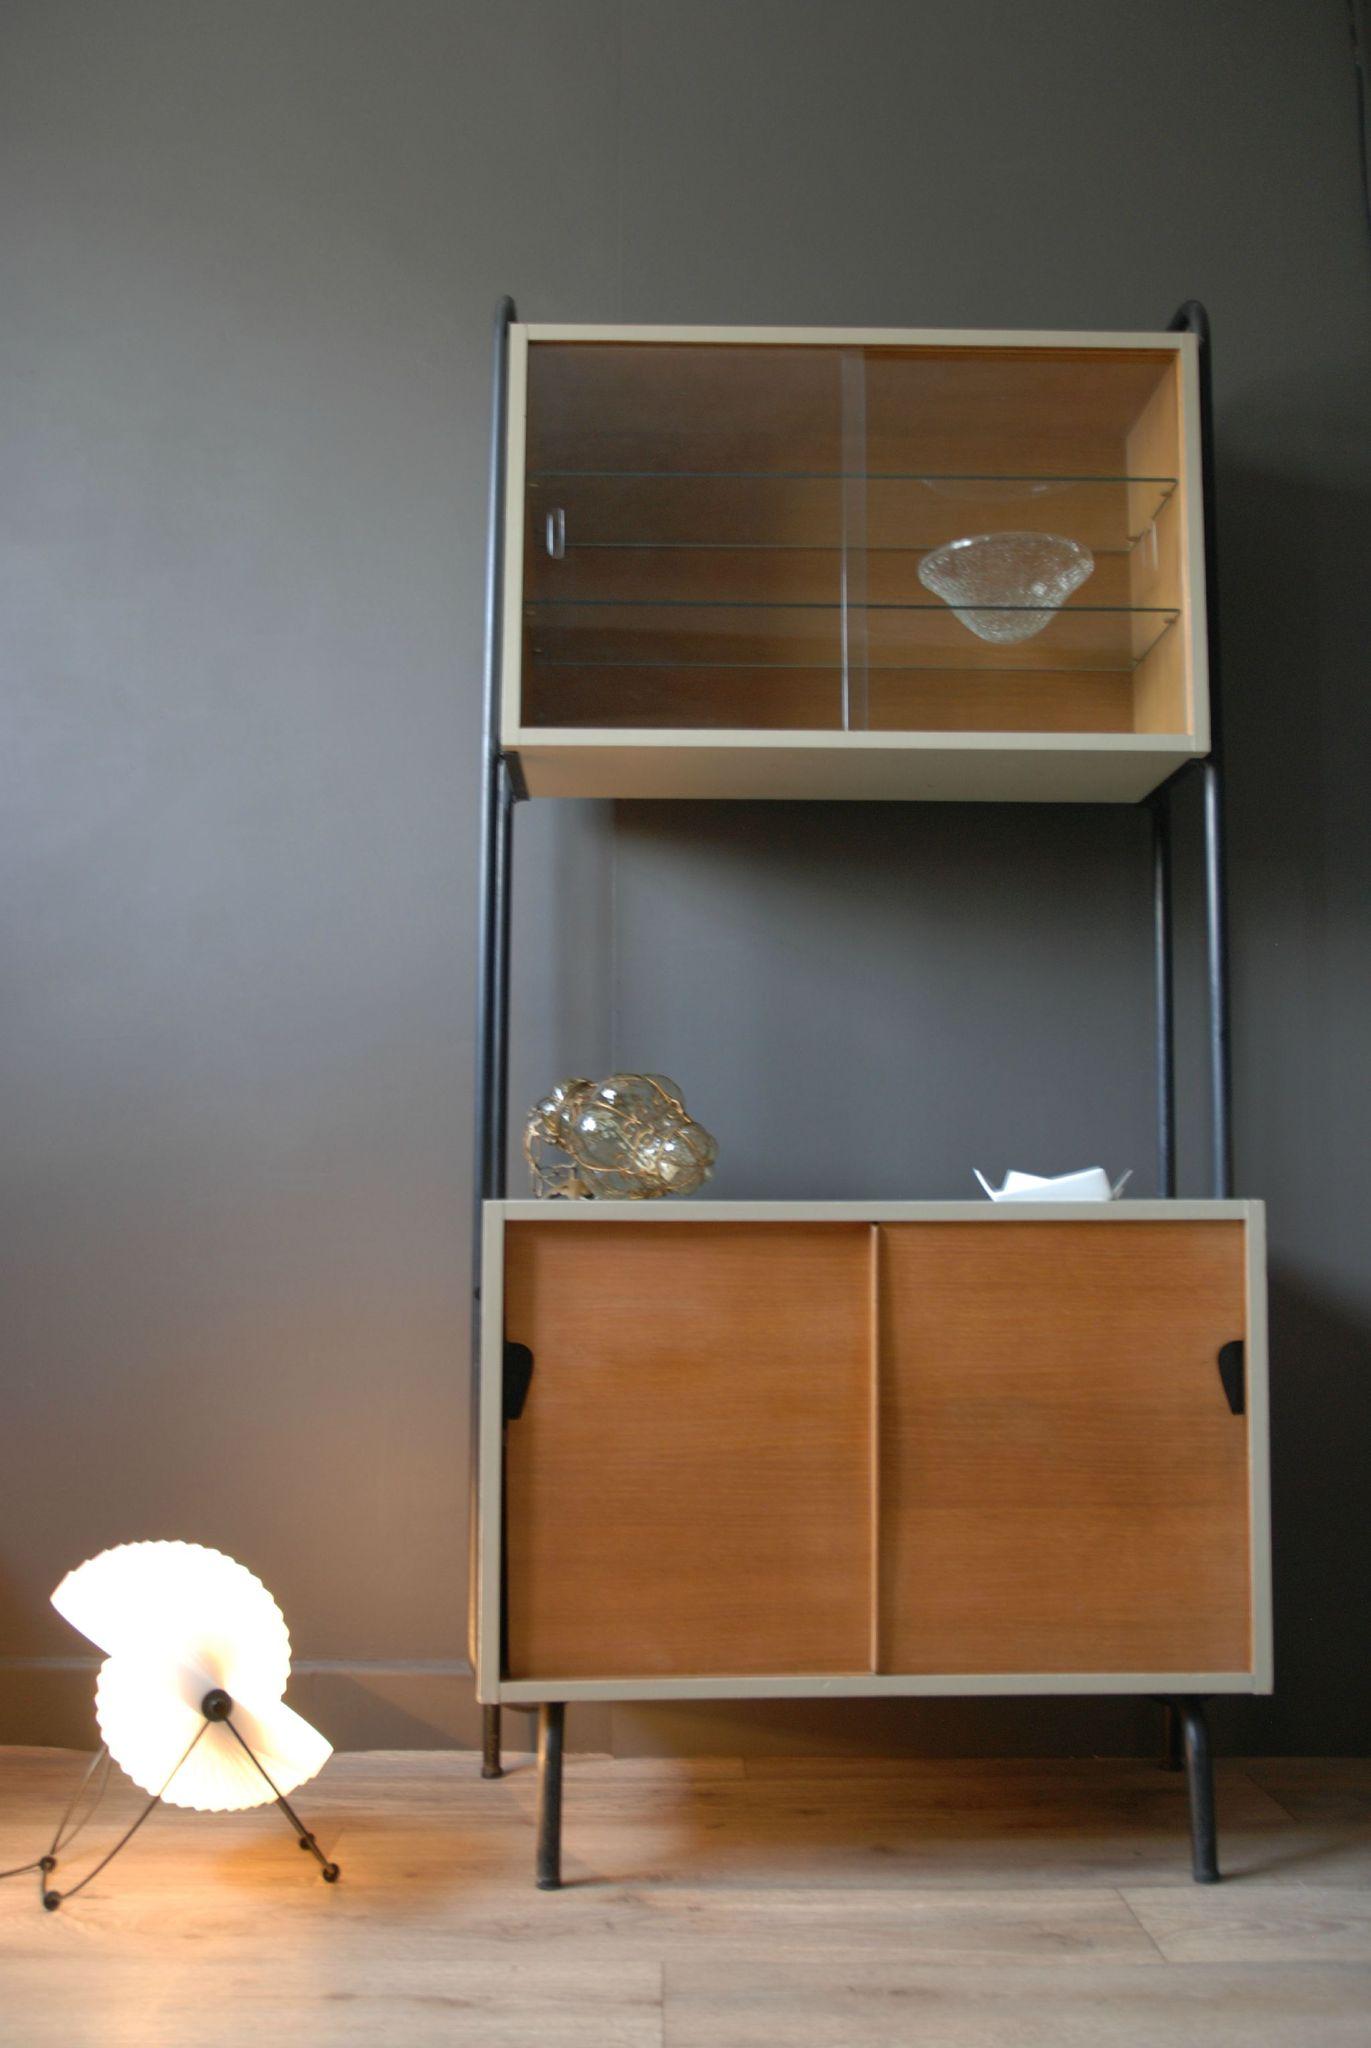 etag re mobilor design jacques hitier vendue atelier vintage. Black Bedroom Furniture Sets. Home Design Ideas